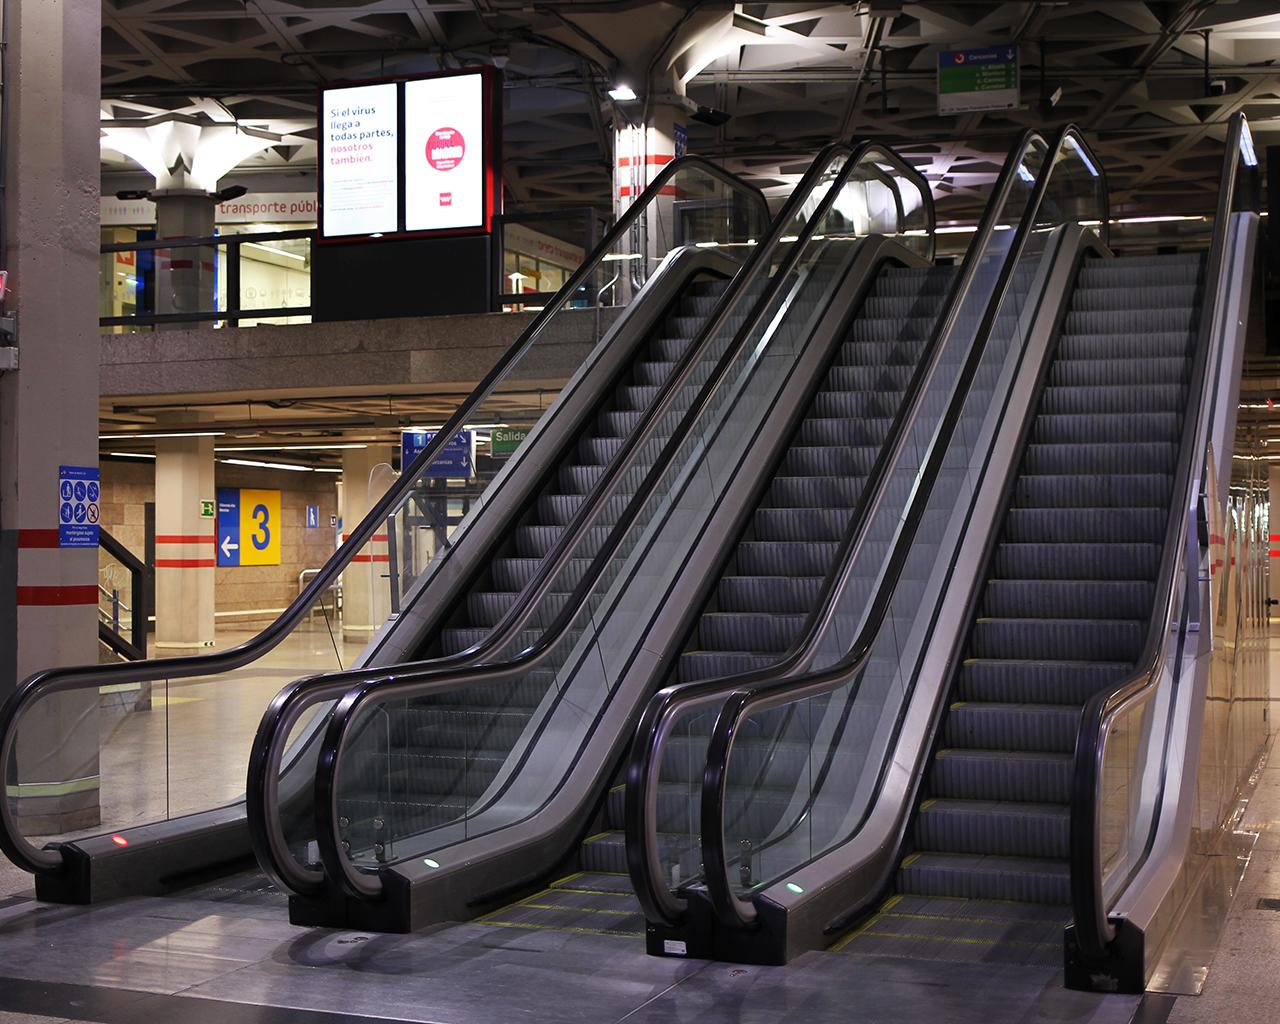 Intercambiador de Metro de Puerta del Sol. Madrid. 30/03/2020.